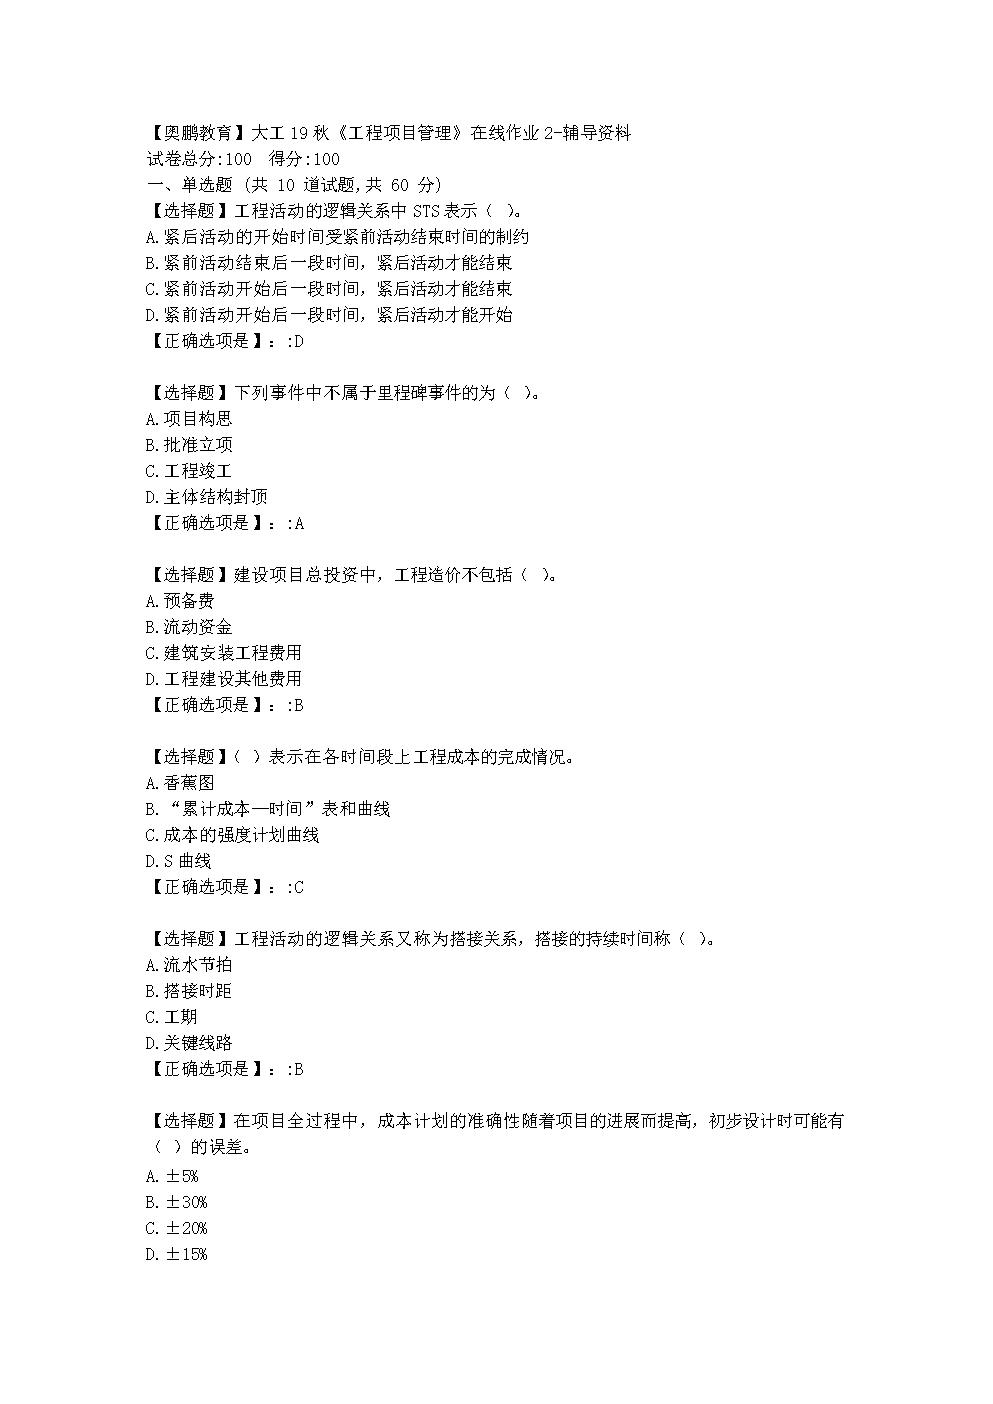 大连理工大学19秋《工程项目管理》在线作业2学习资料.doc